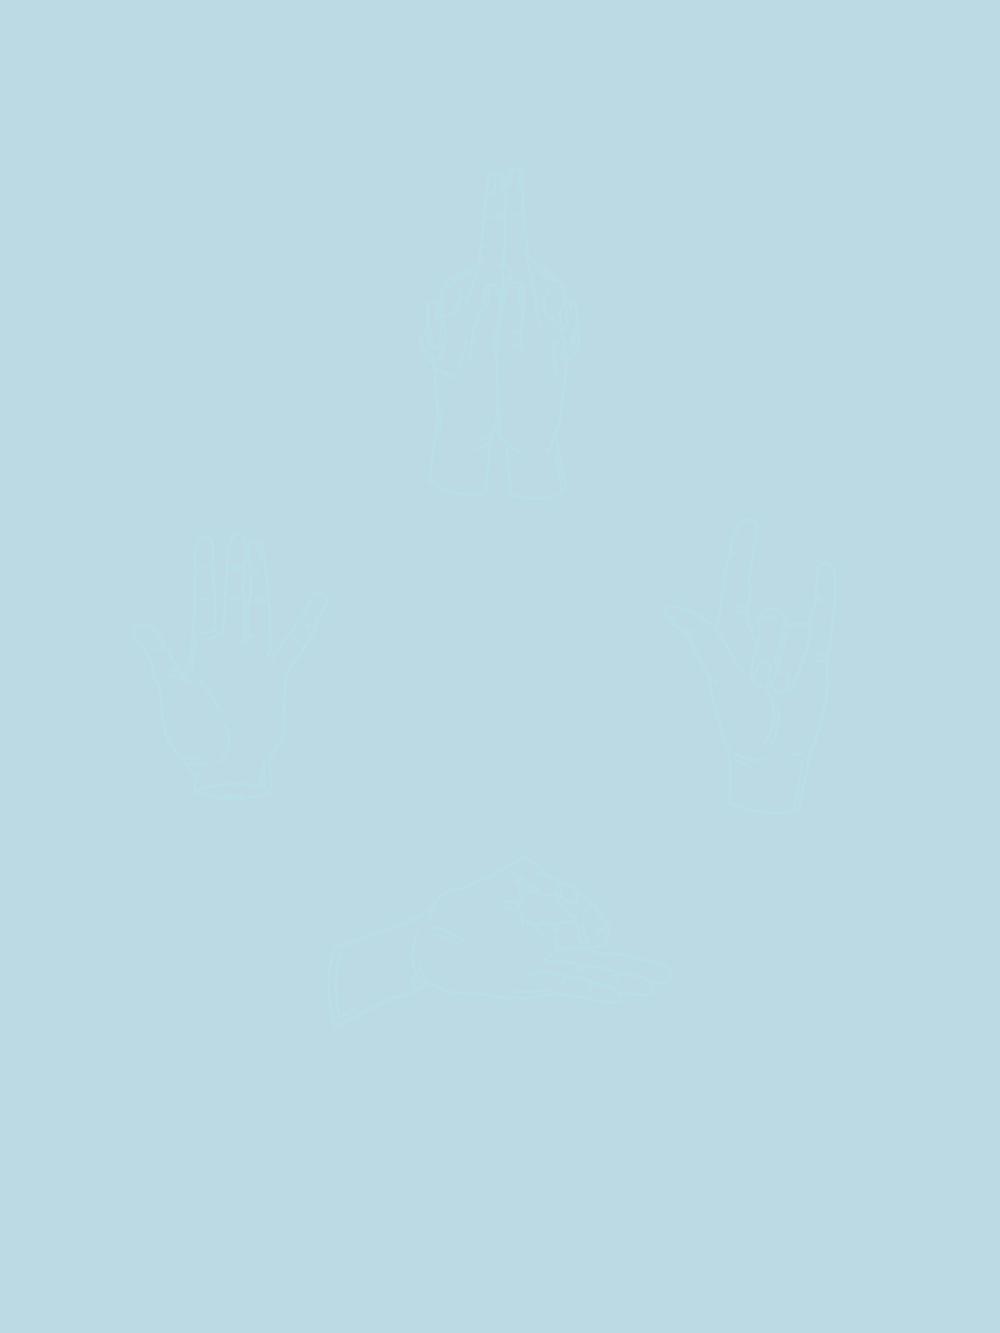 Guru Singh Illustration + Logo | Trout + Taylor www.troutandtaylor.com